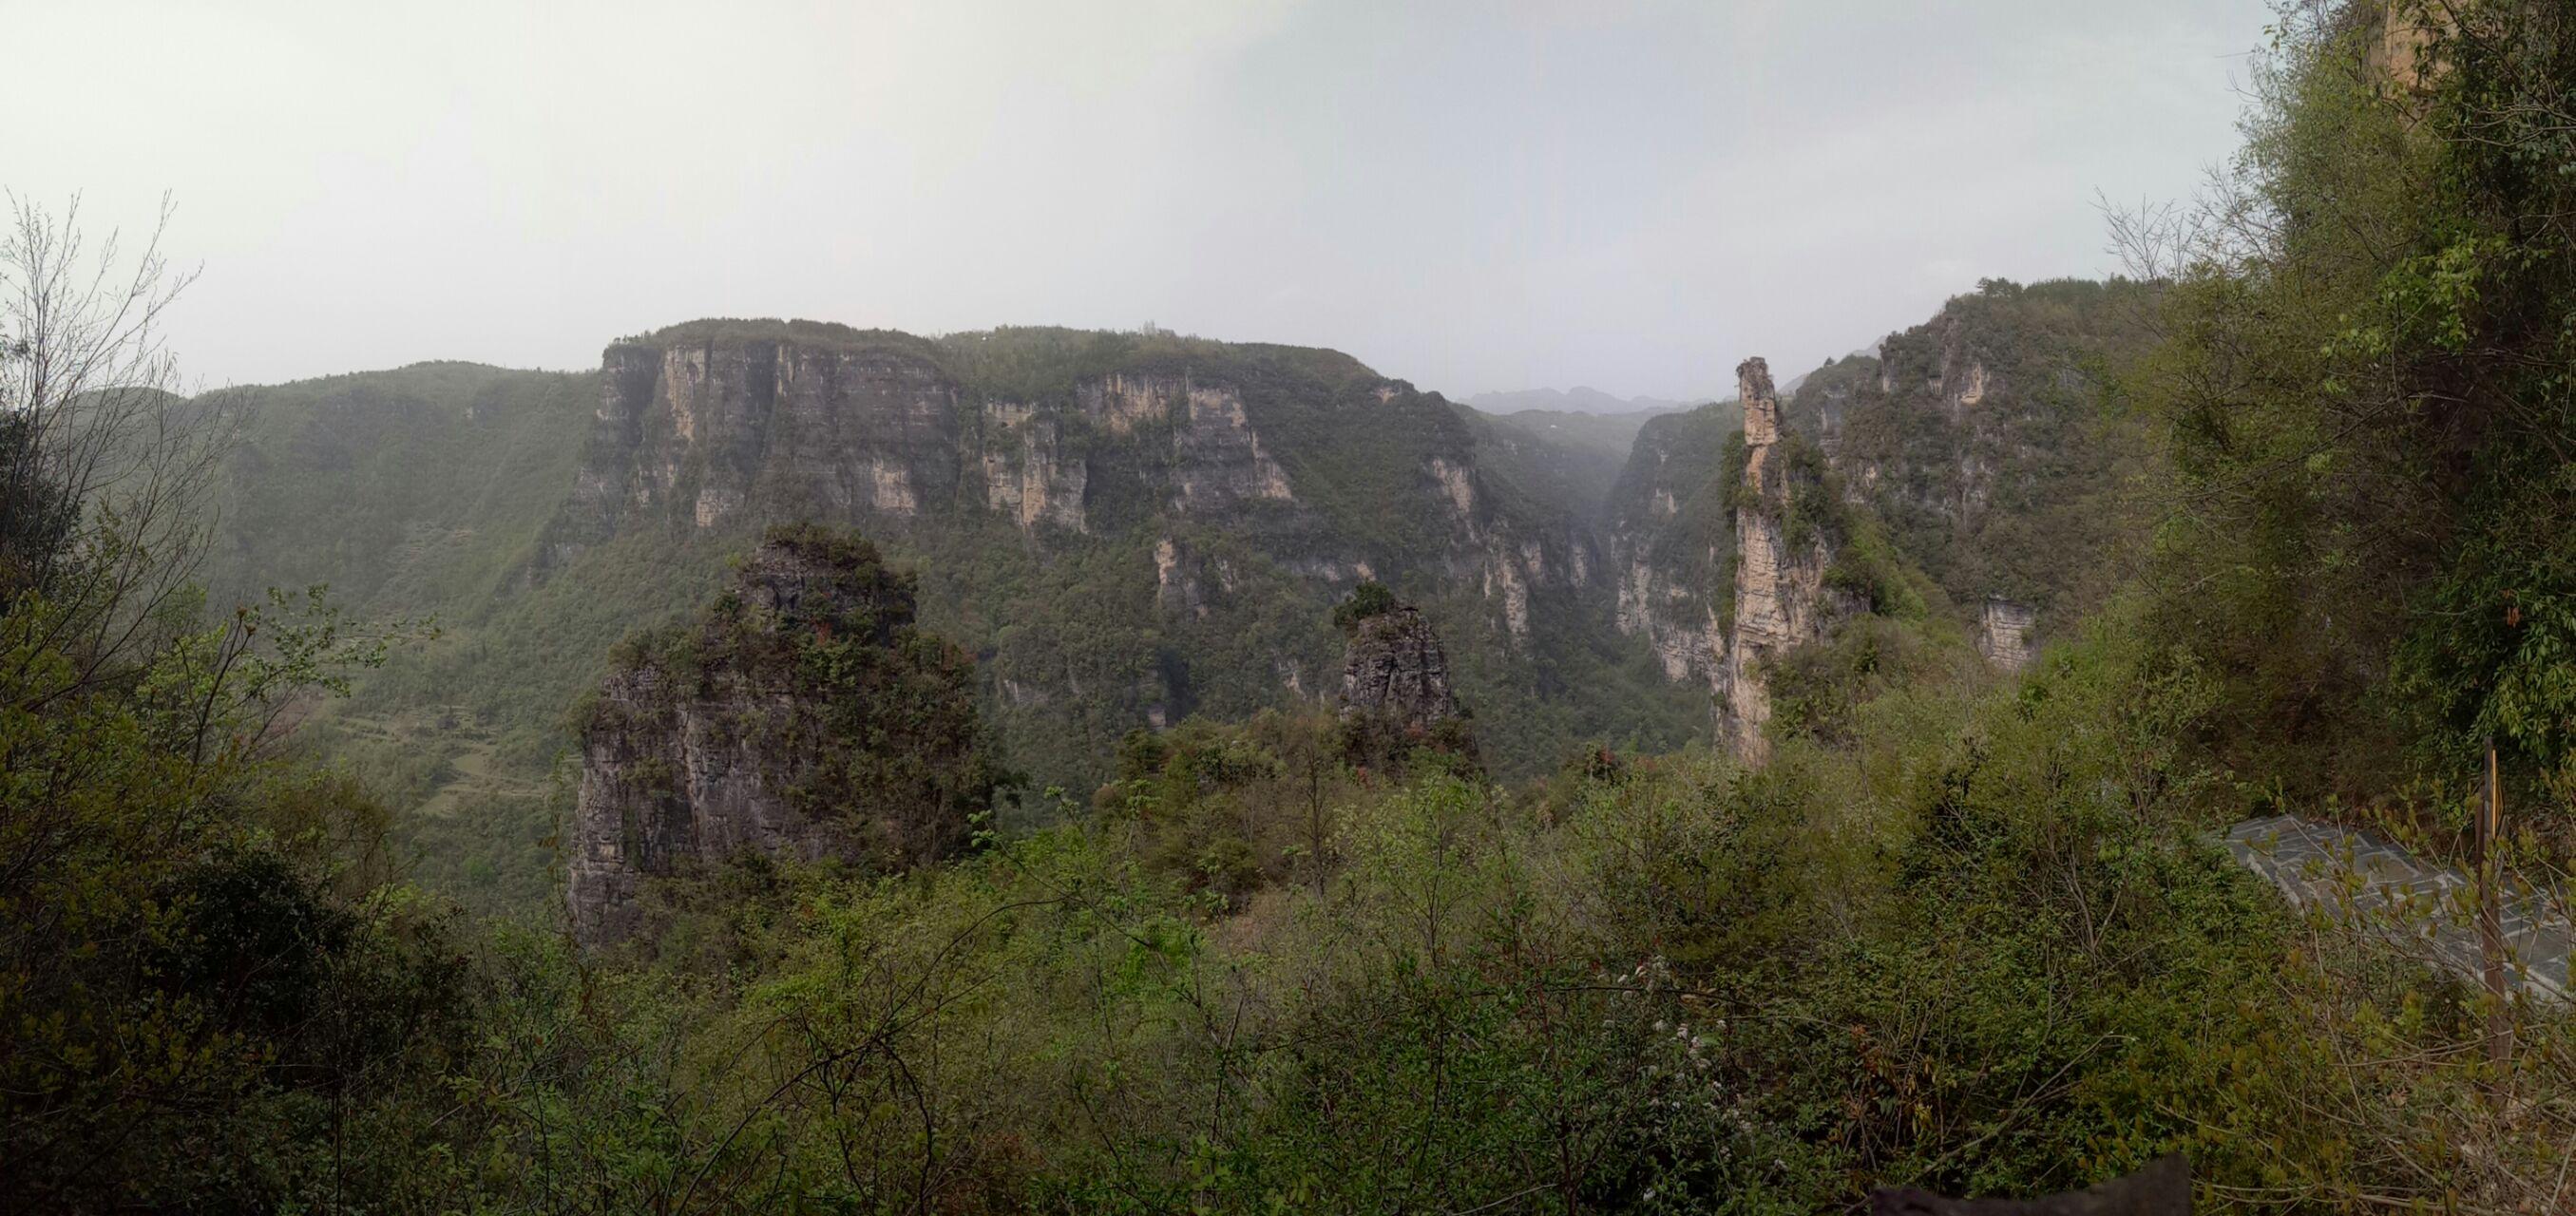 【携程攻略】保康九路寨生态旅游区景点,九路寨山脉